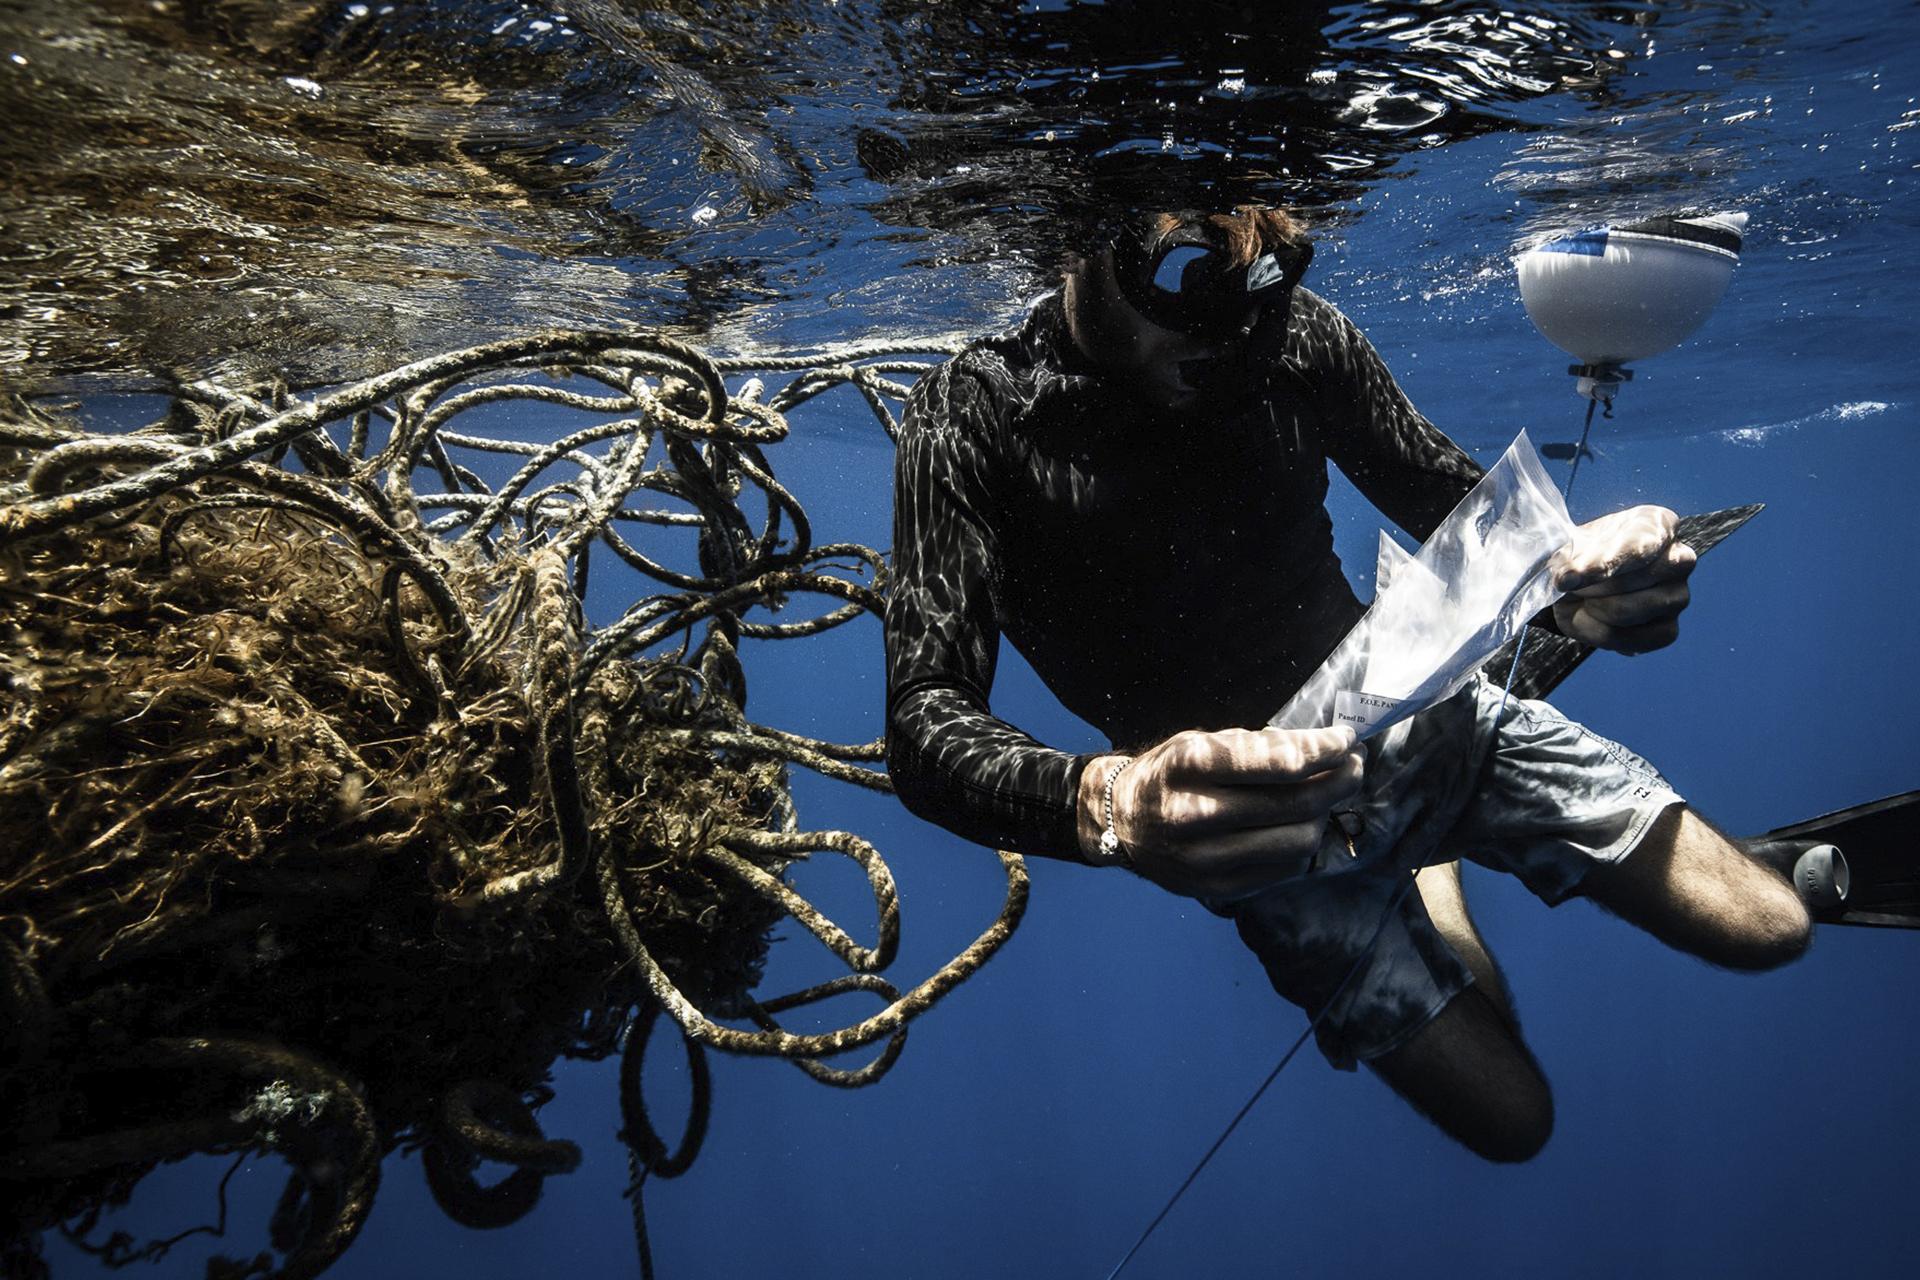 Dykker gransker et tapt fiskeredskap